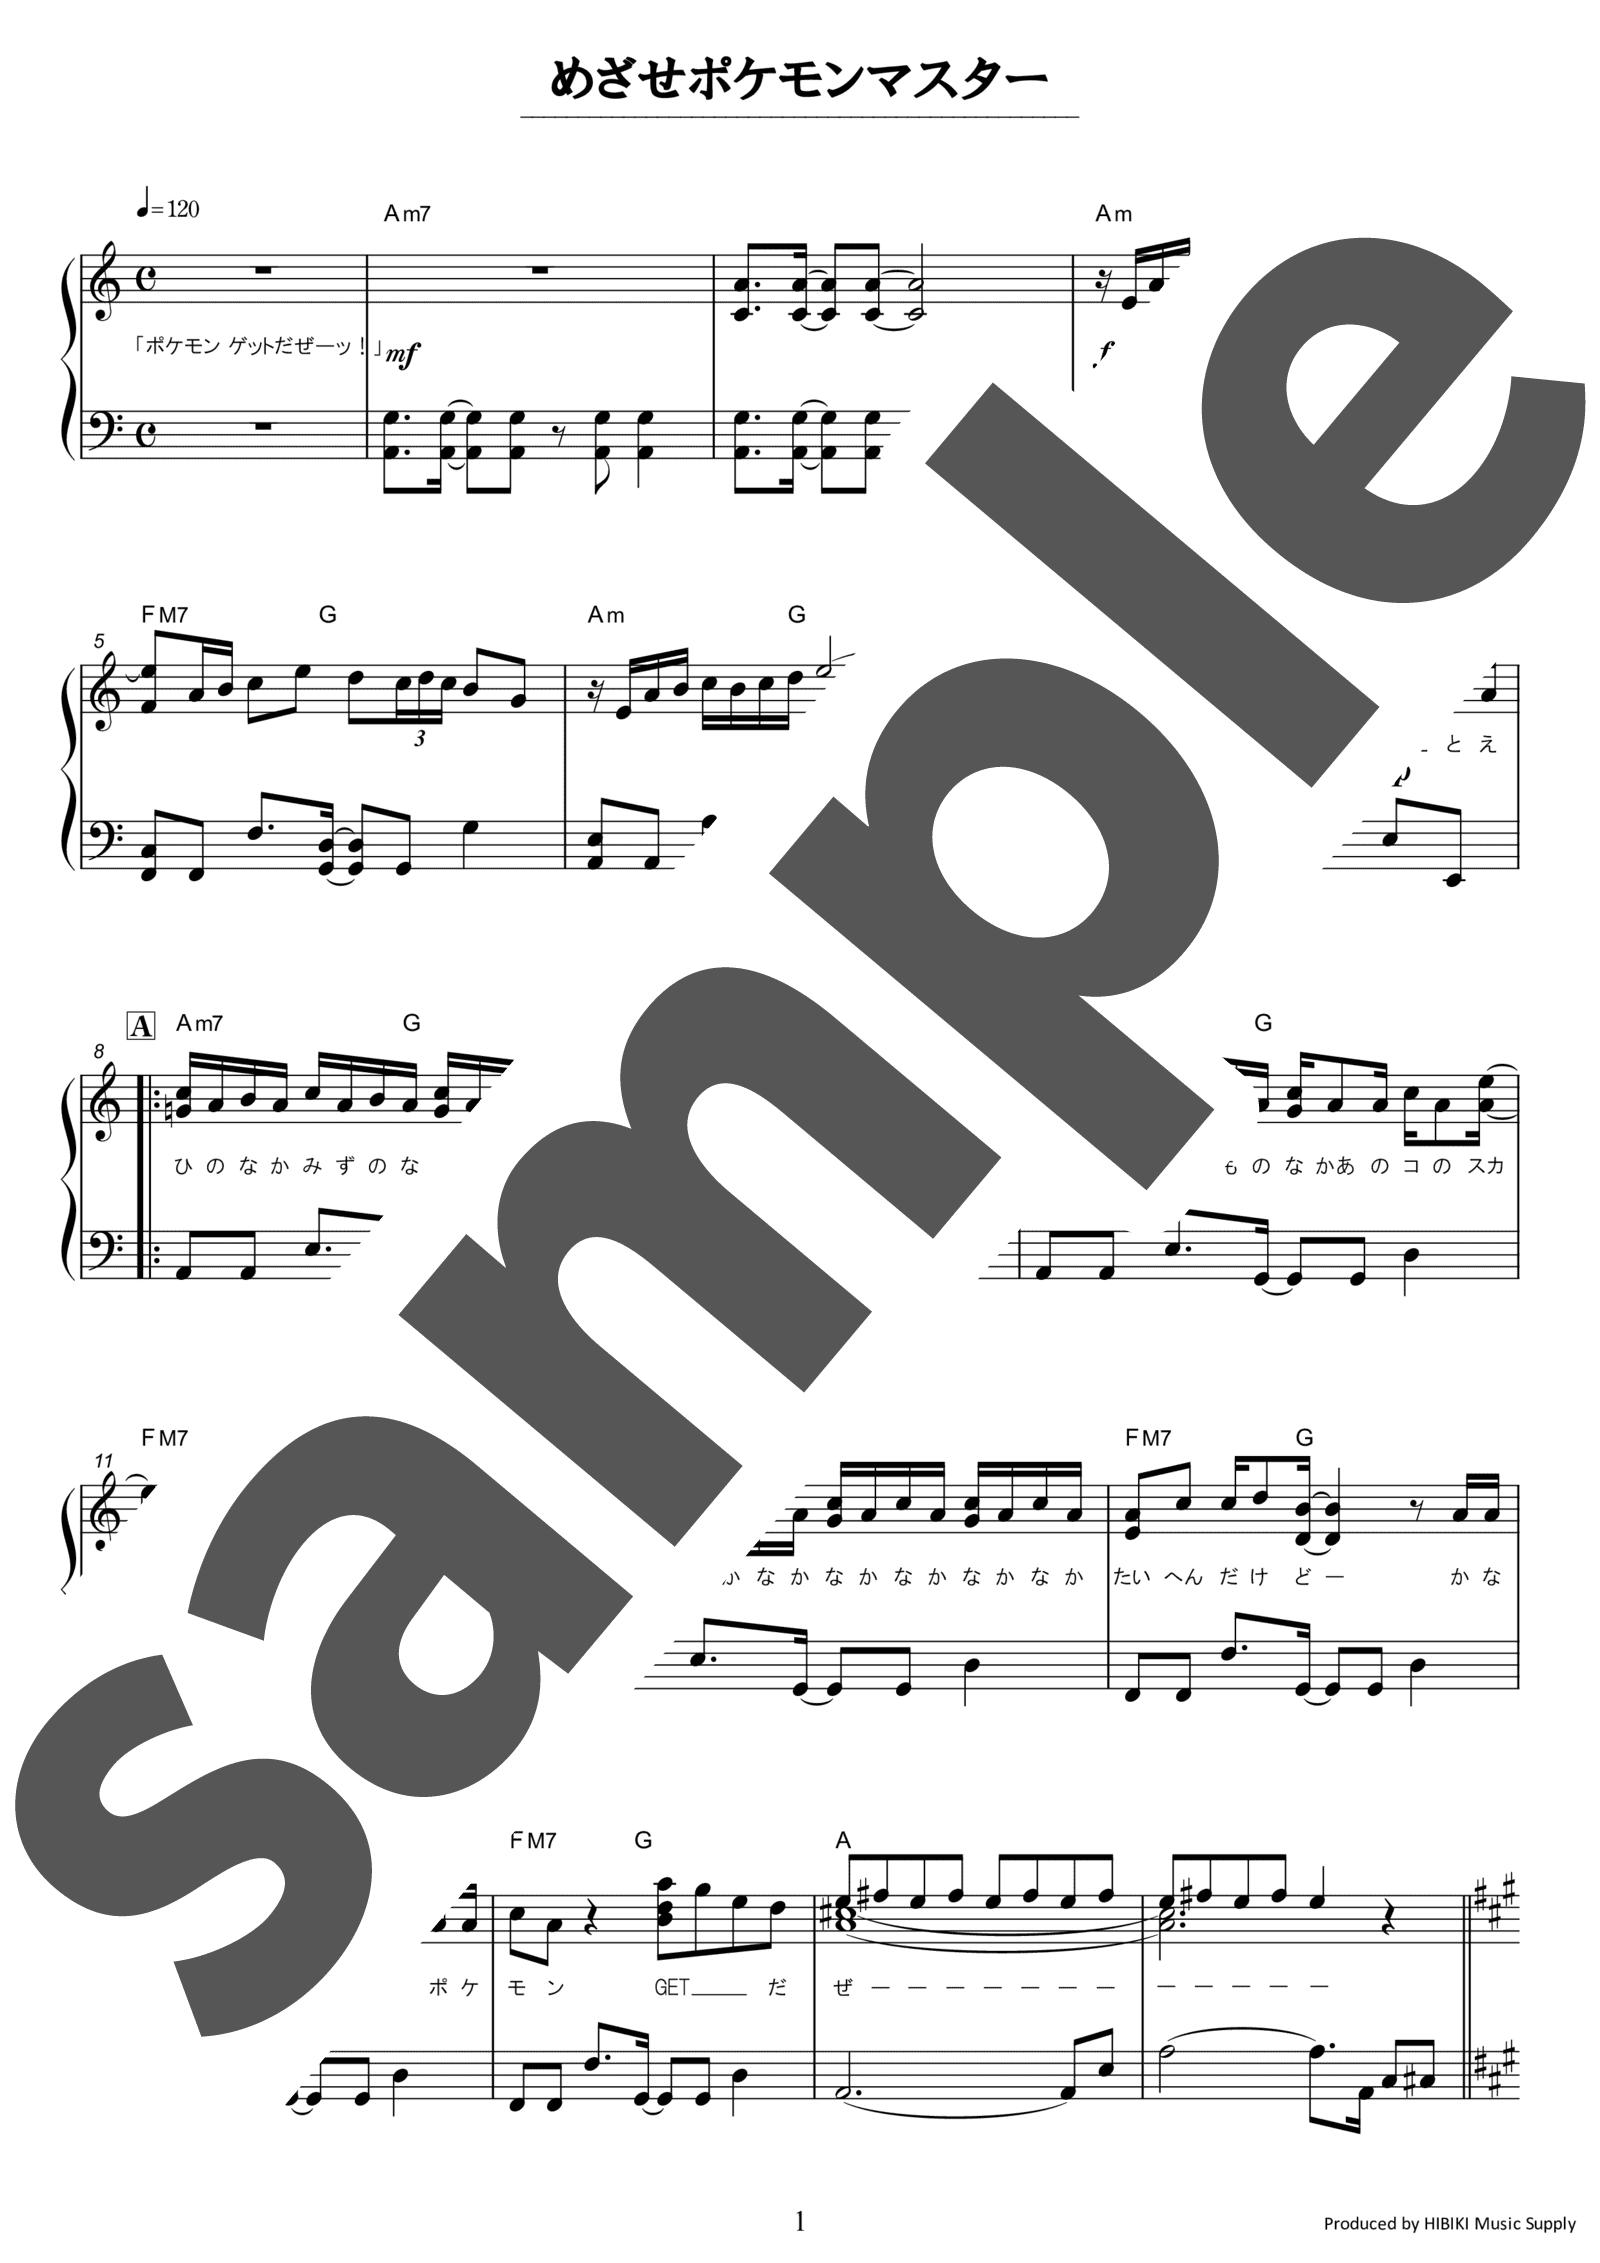 「めざせポケモンマスター」のサンプル楽譜